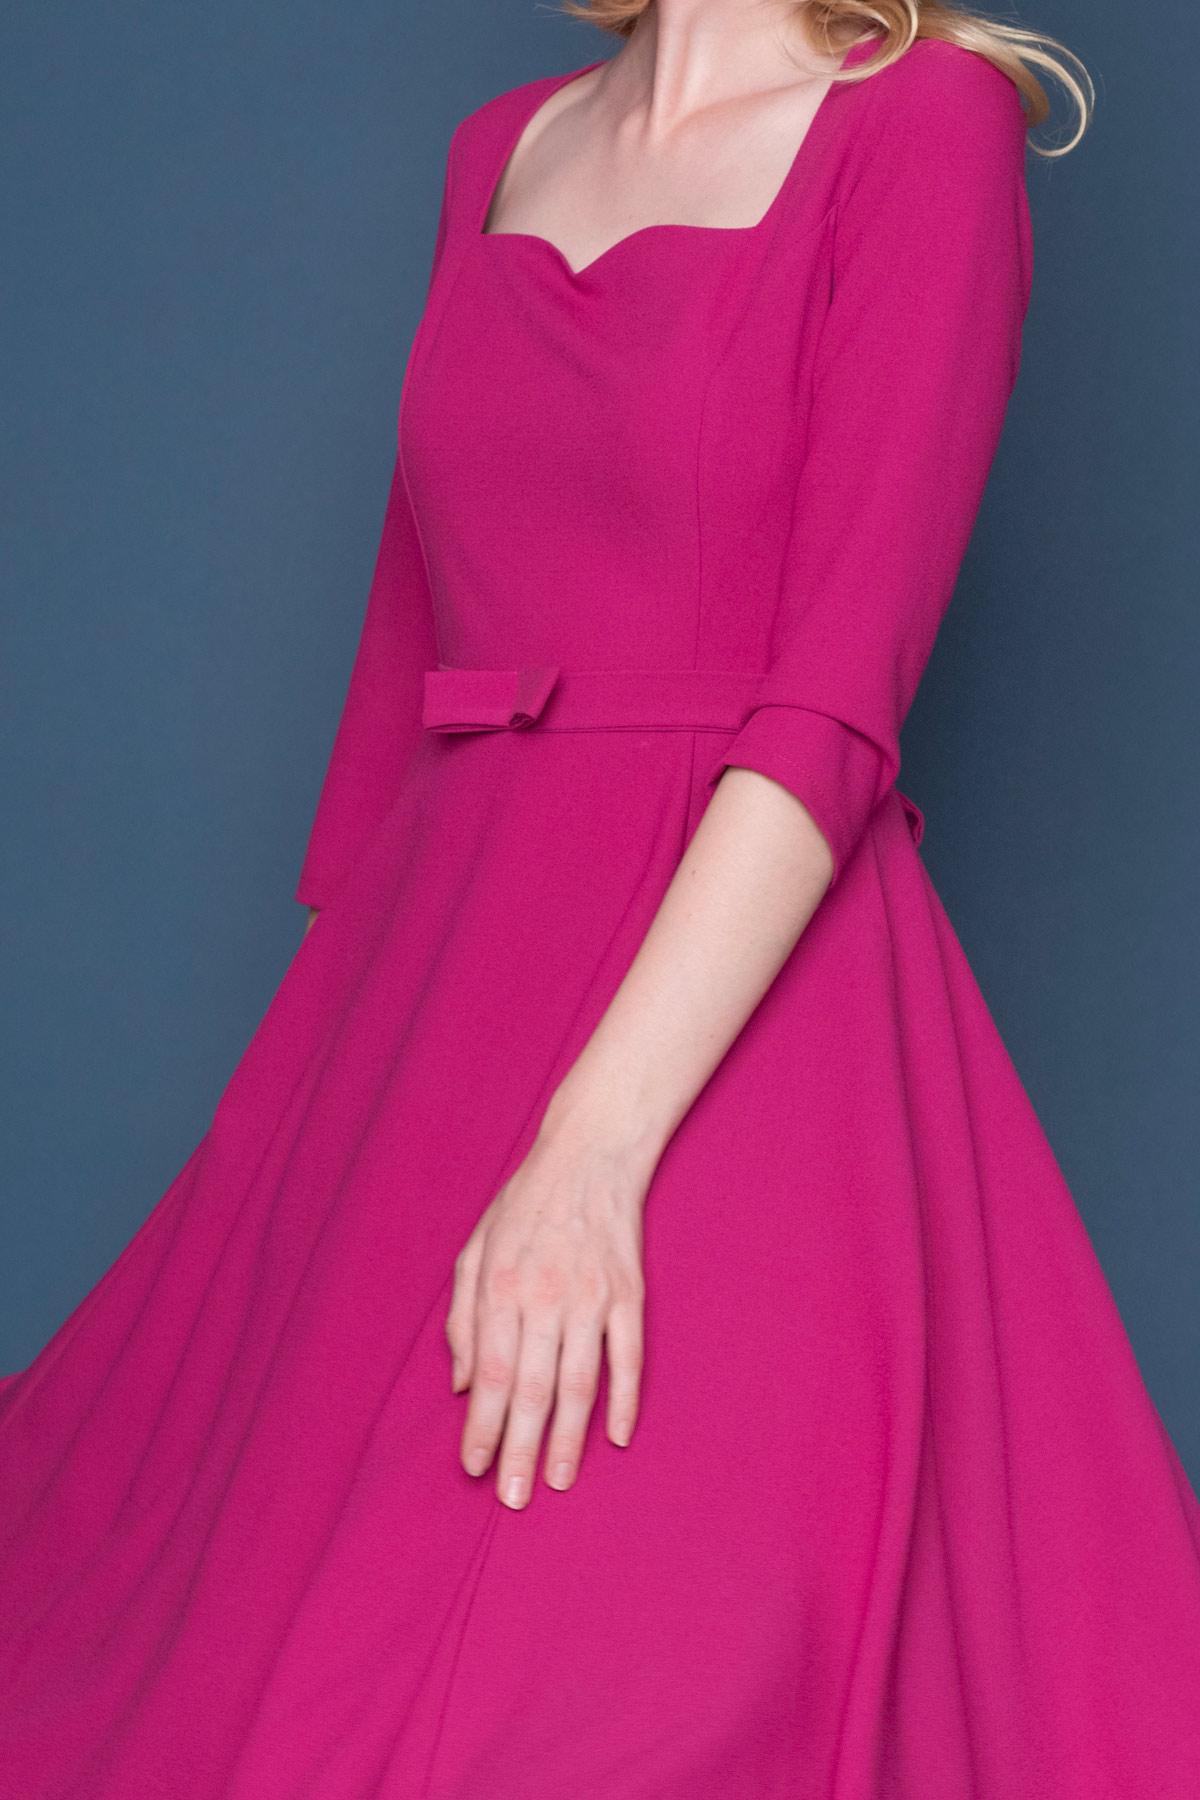 Κλος vintage φόρεμα σε μεσάτη γραμμή, από υπέροχo magenta αέρινο ύφασμα και μήκος μέχρι το γόνατο. Με 3/4 μανίκια και λαιμουδιά σε σχήμα καρδιά, είναι το πιο chic φόρεμα για να συνοδεύσει μια επίσημη εμφάνισή σας.